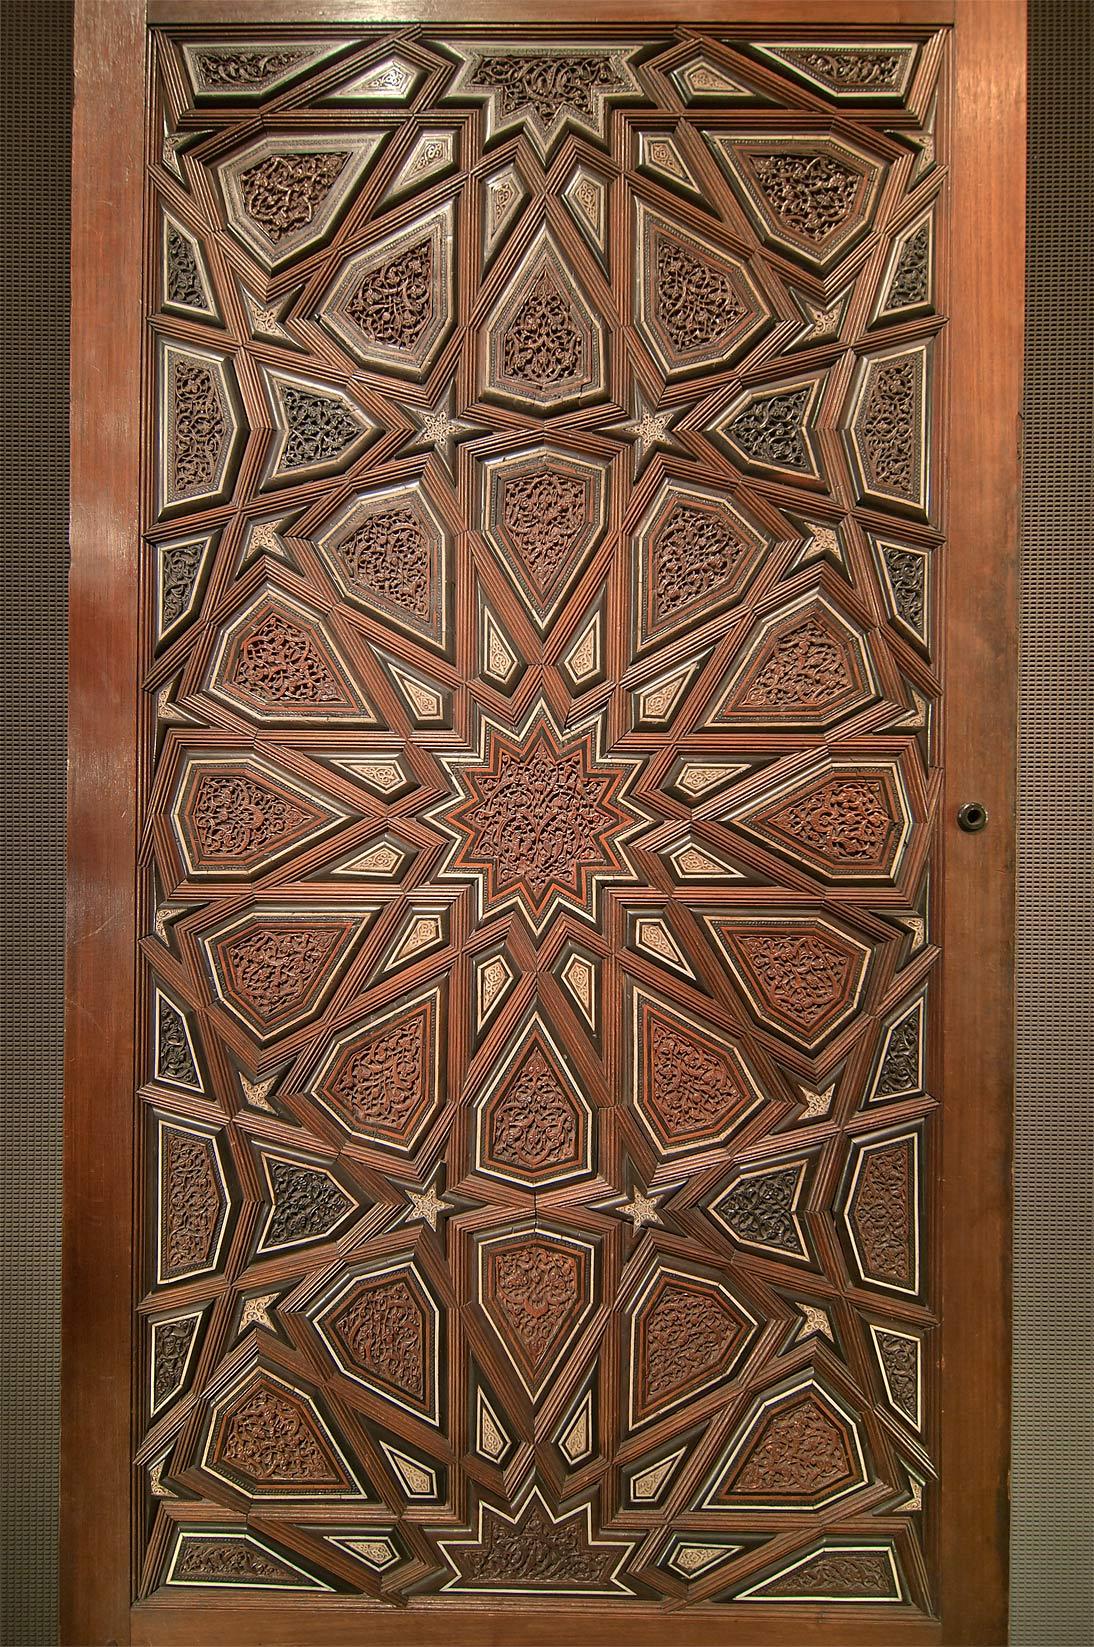 Photo 1003 22 Door Panel In Museum Of Islamic Art Doha